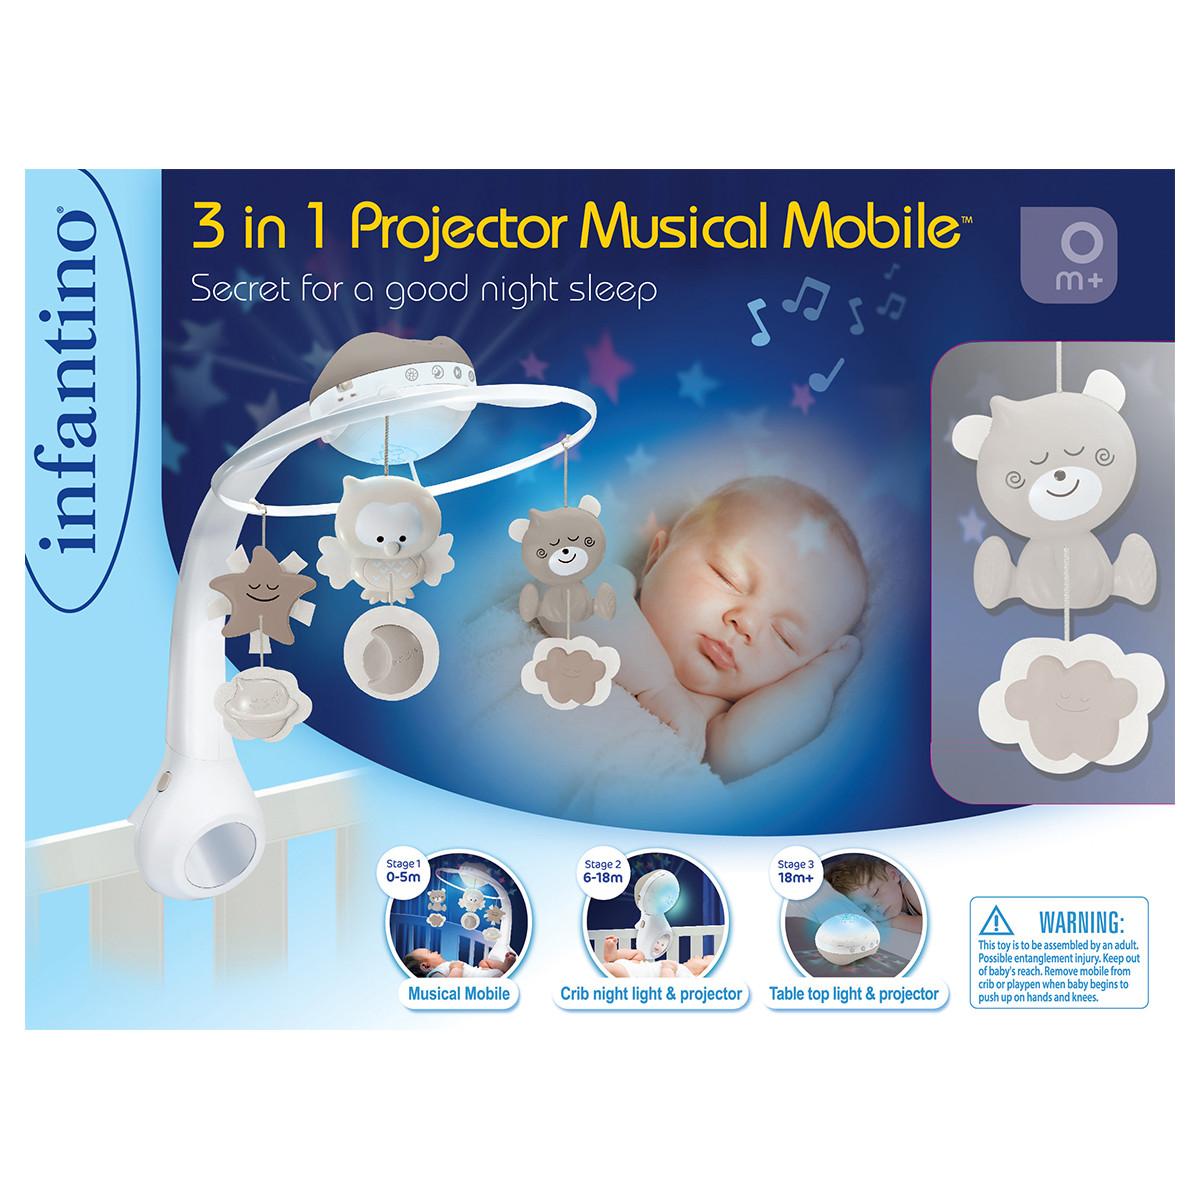 Infantino 3u1 muzička vrteška, projektor i noćno svetlo